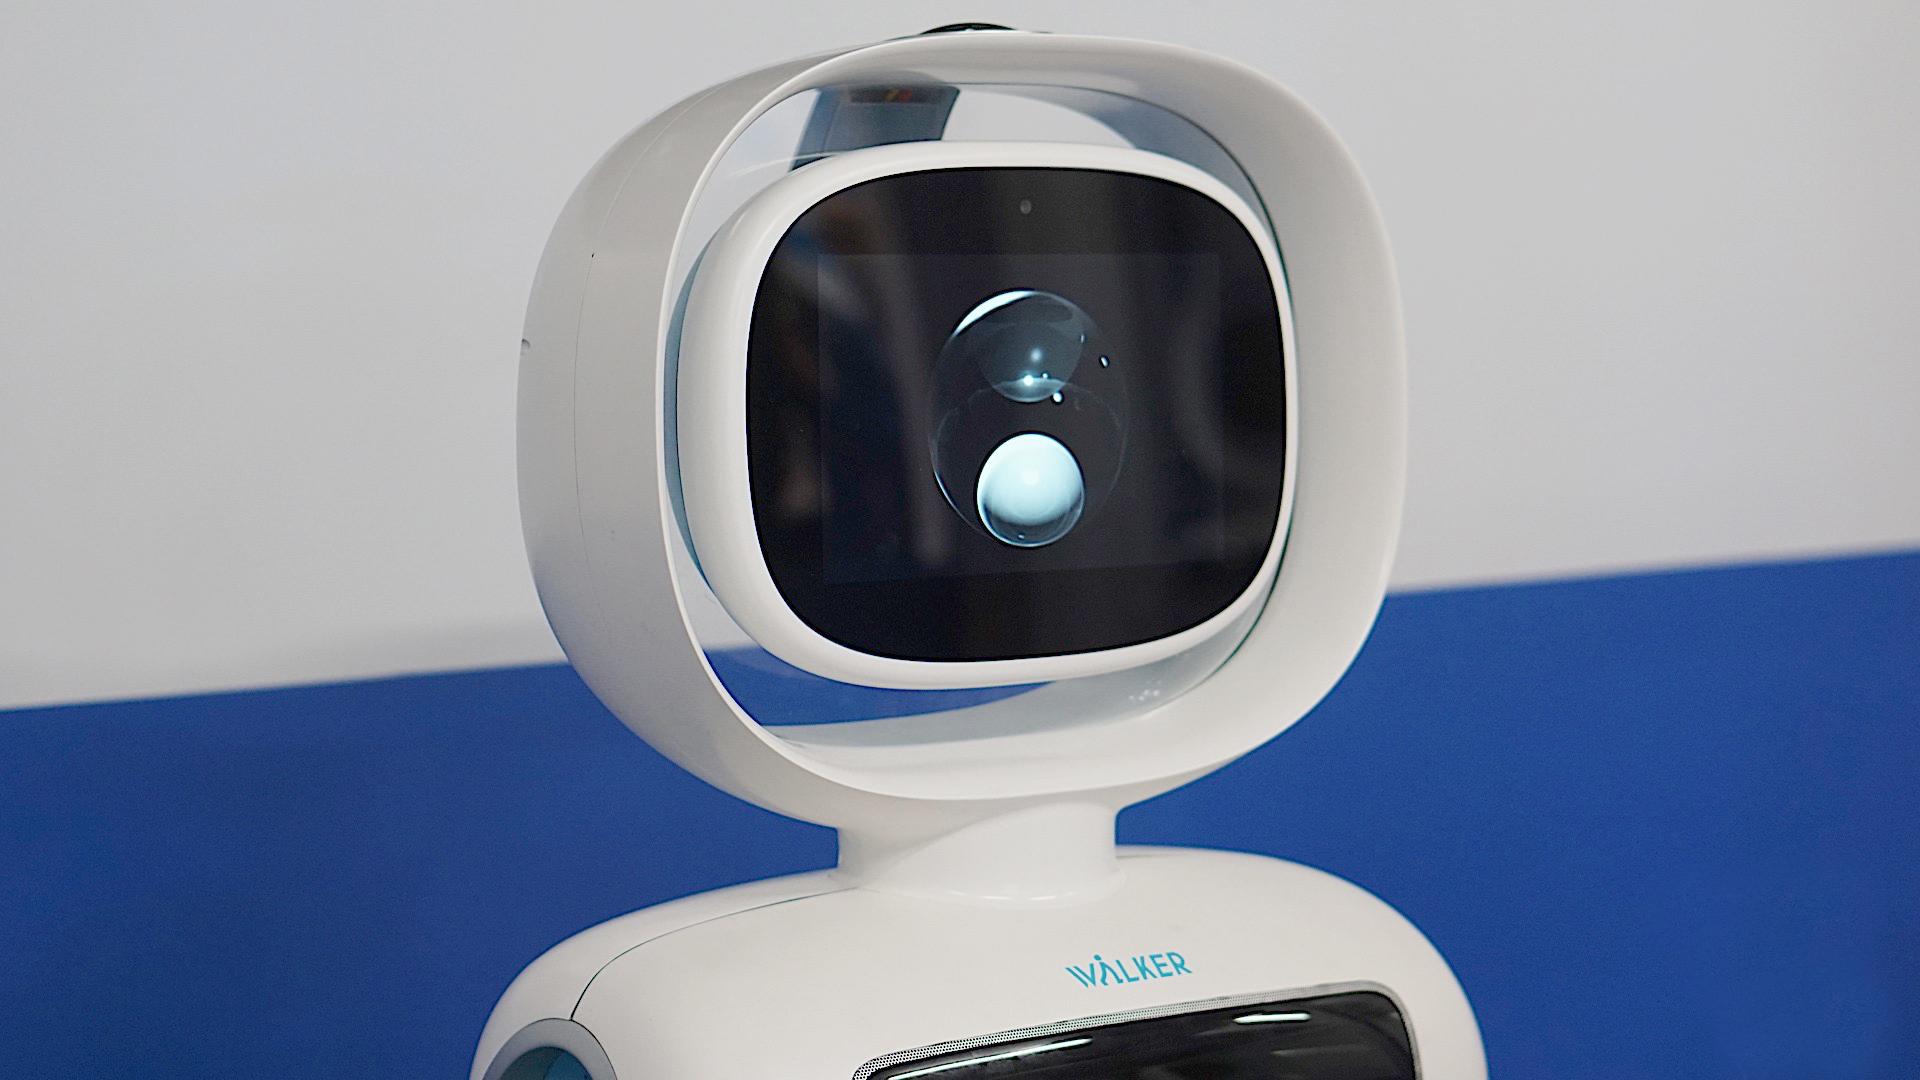 Walker_Robot_2.jpg